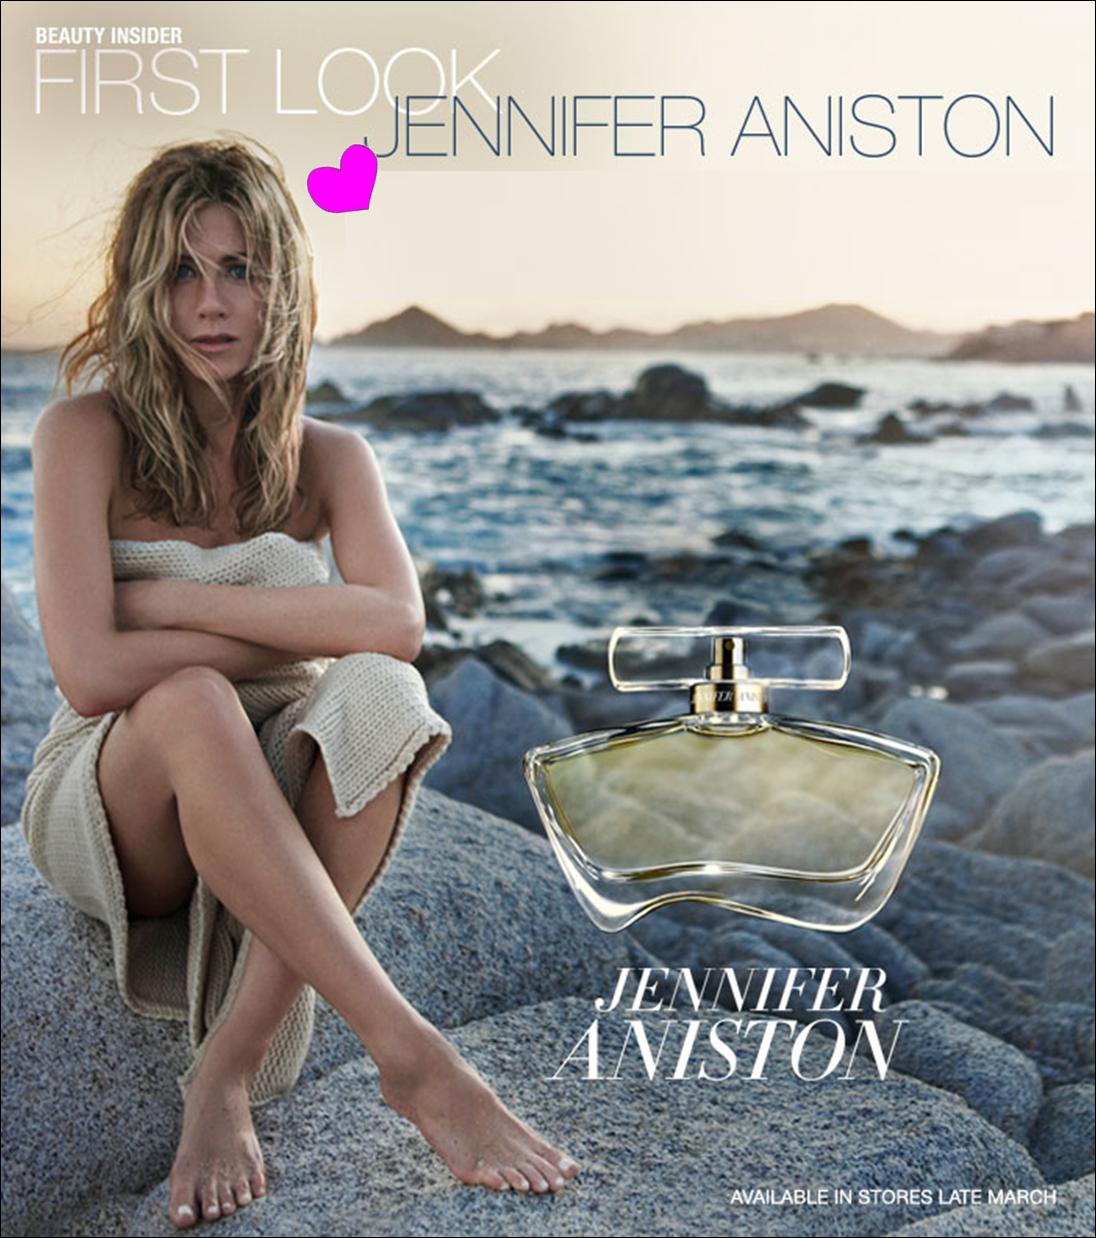 http://3.bp.blogspot.com/_BVvh4mQFKHc/TUtnUHO6scI/AAAAAAAAI2U/kmSNCnQ5lHY/s1600/perfume+jen.png